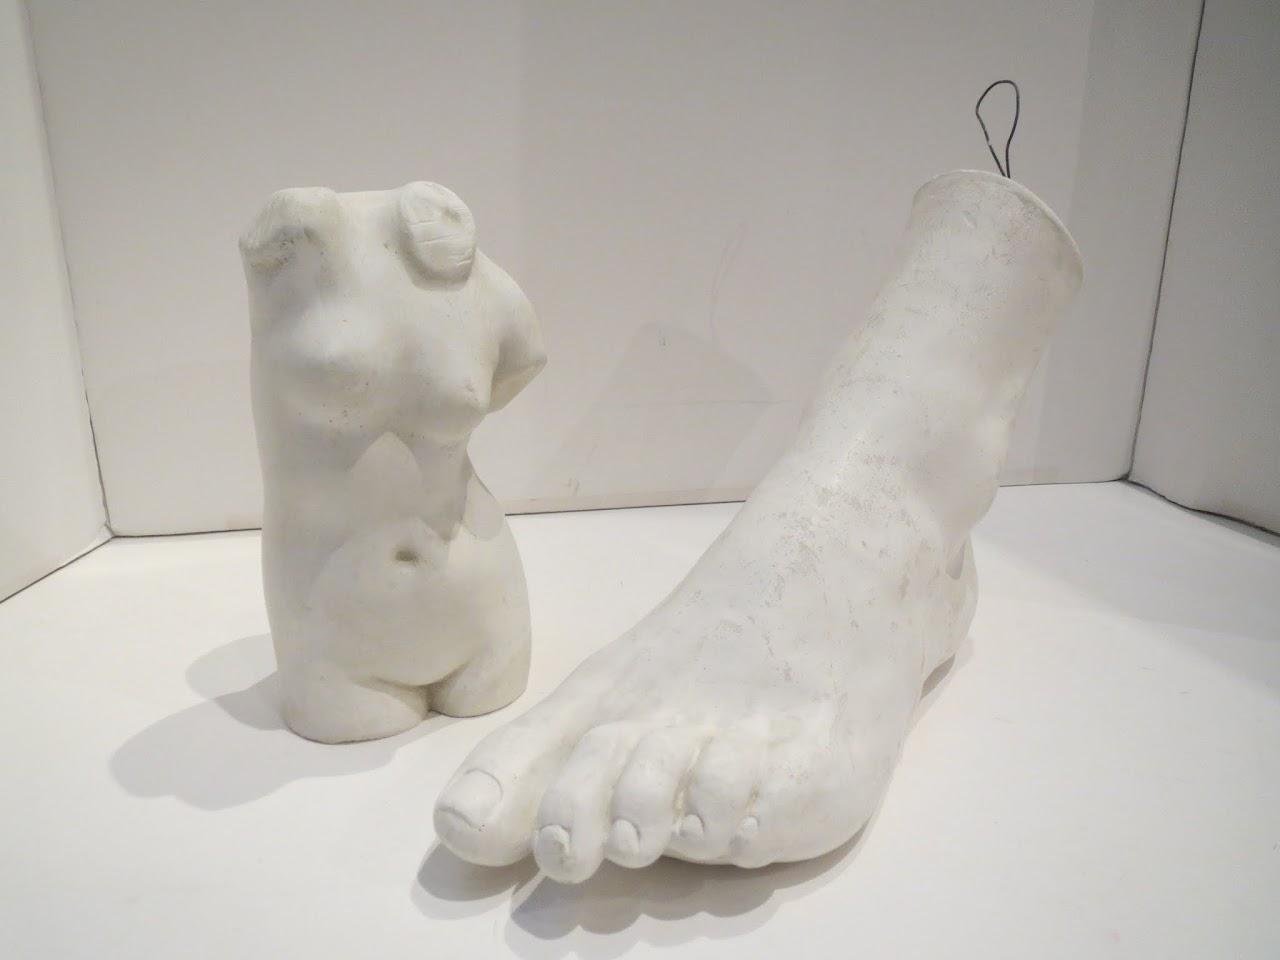 Studio Casts of Foot and Torso